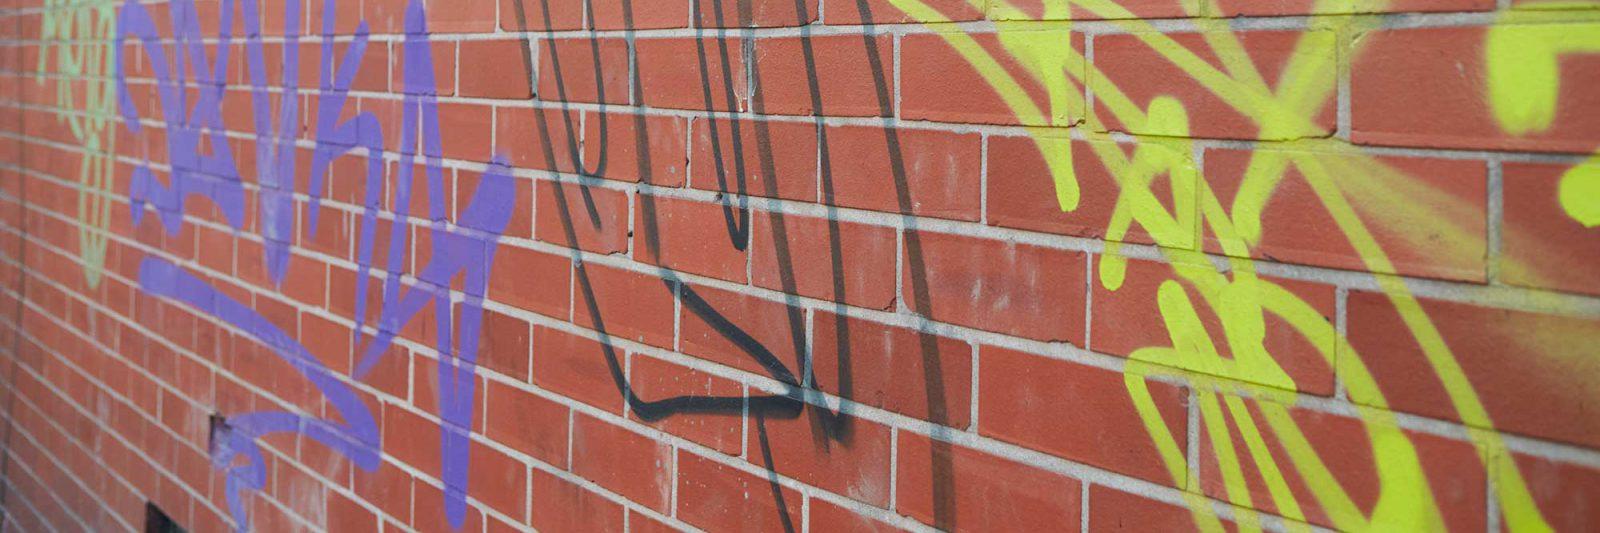 Usuwanie graffiti Warszawa